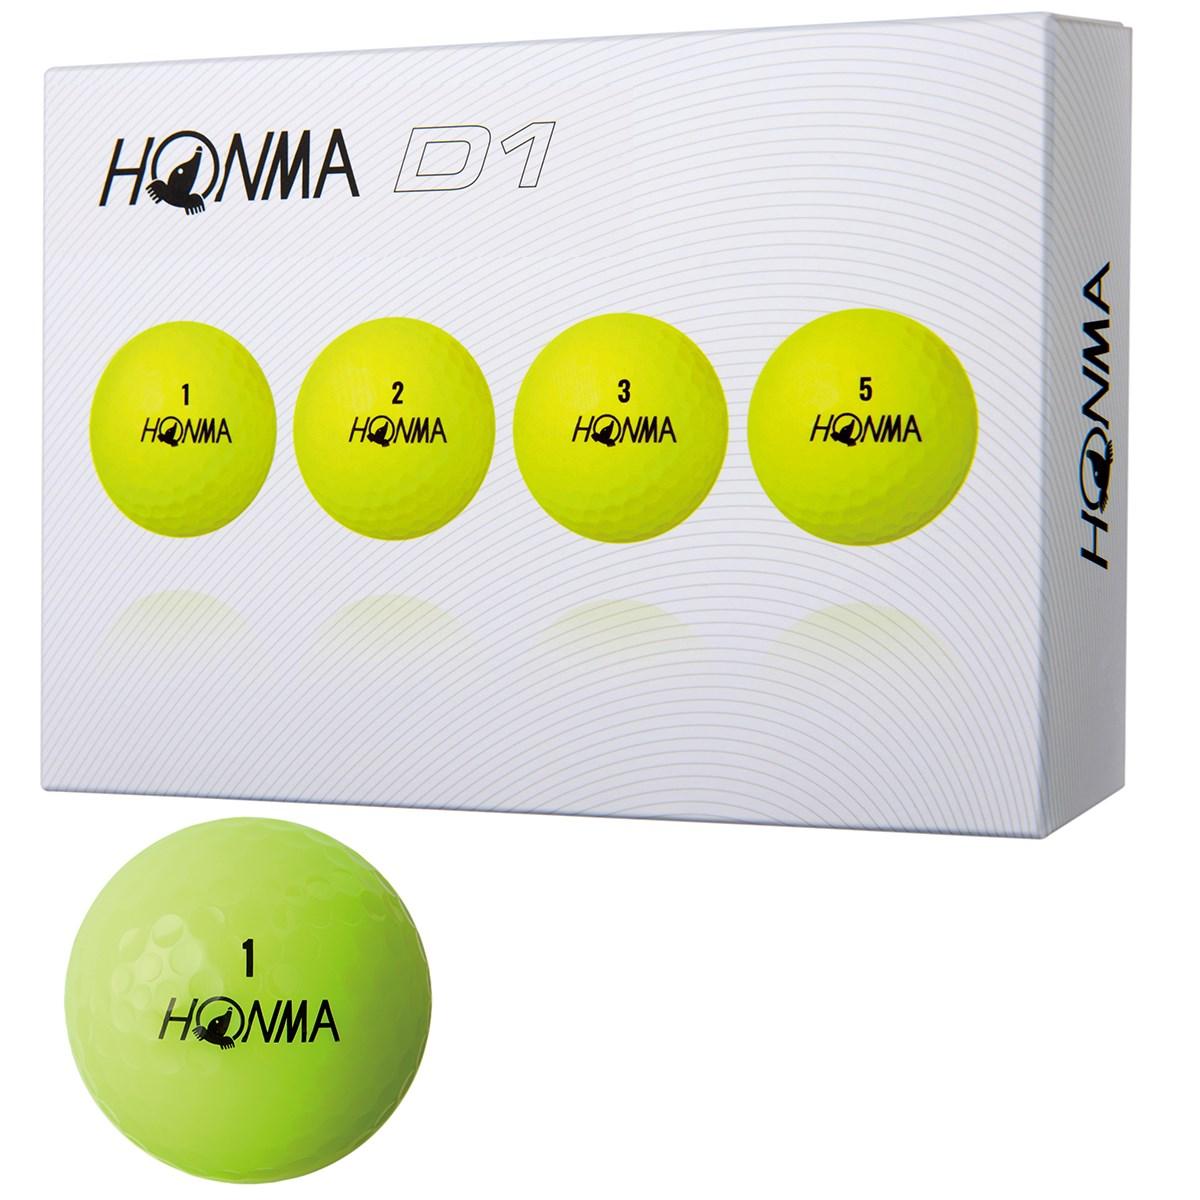 本間ゴルフ HONMA D1 ボール 2018年モデル 5ダースセット 5ダース(60個入り) イエロー